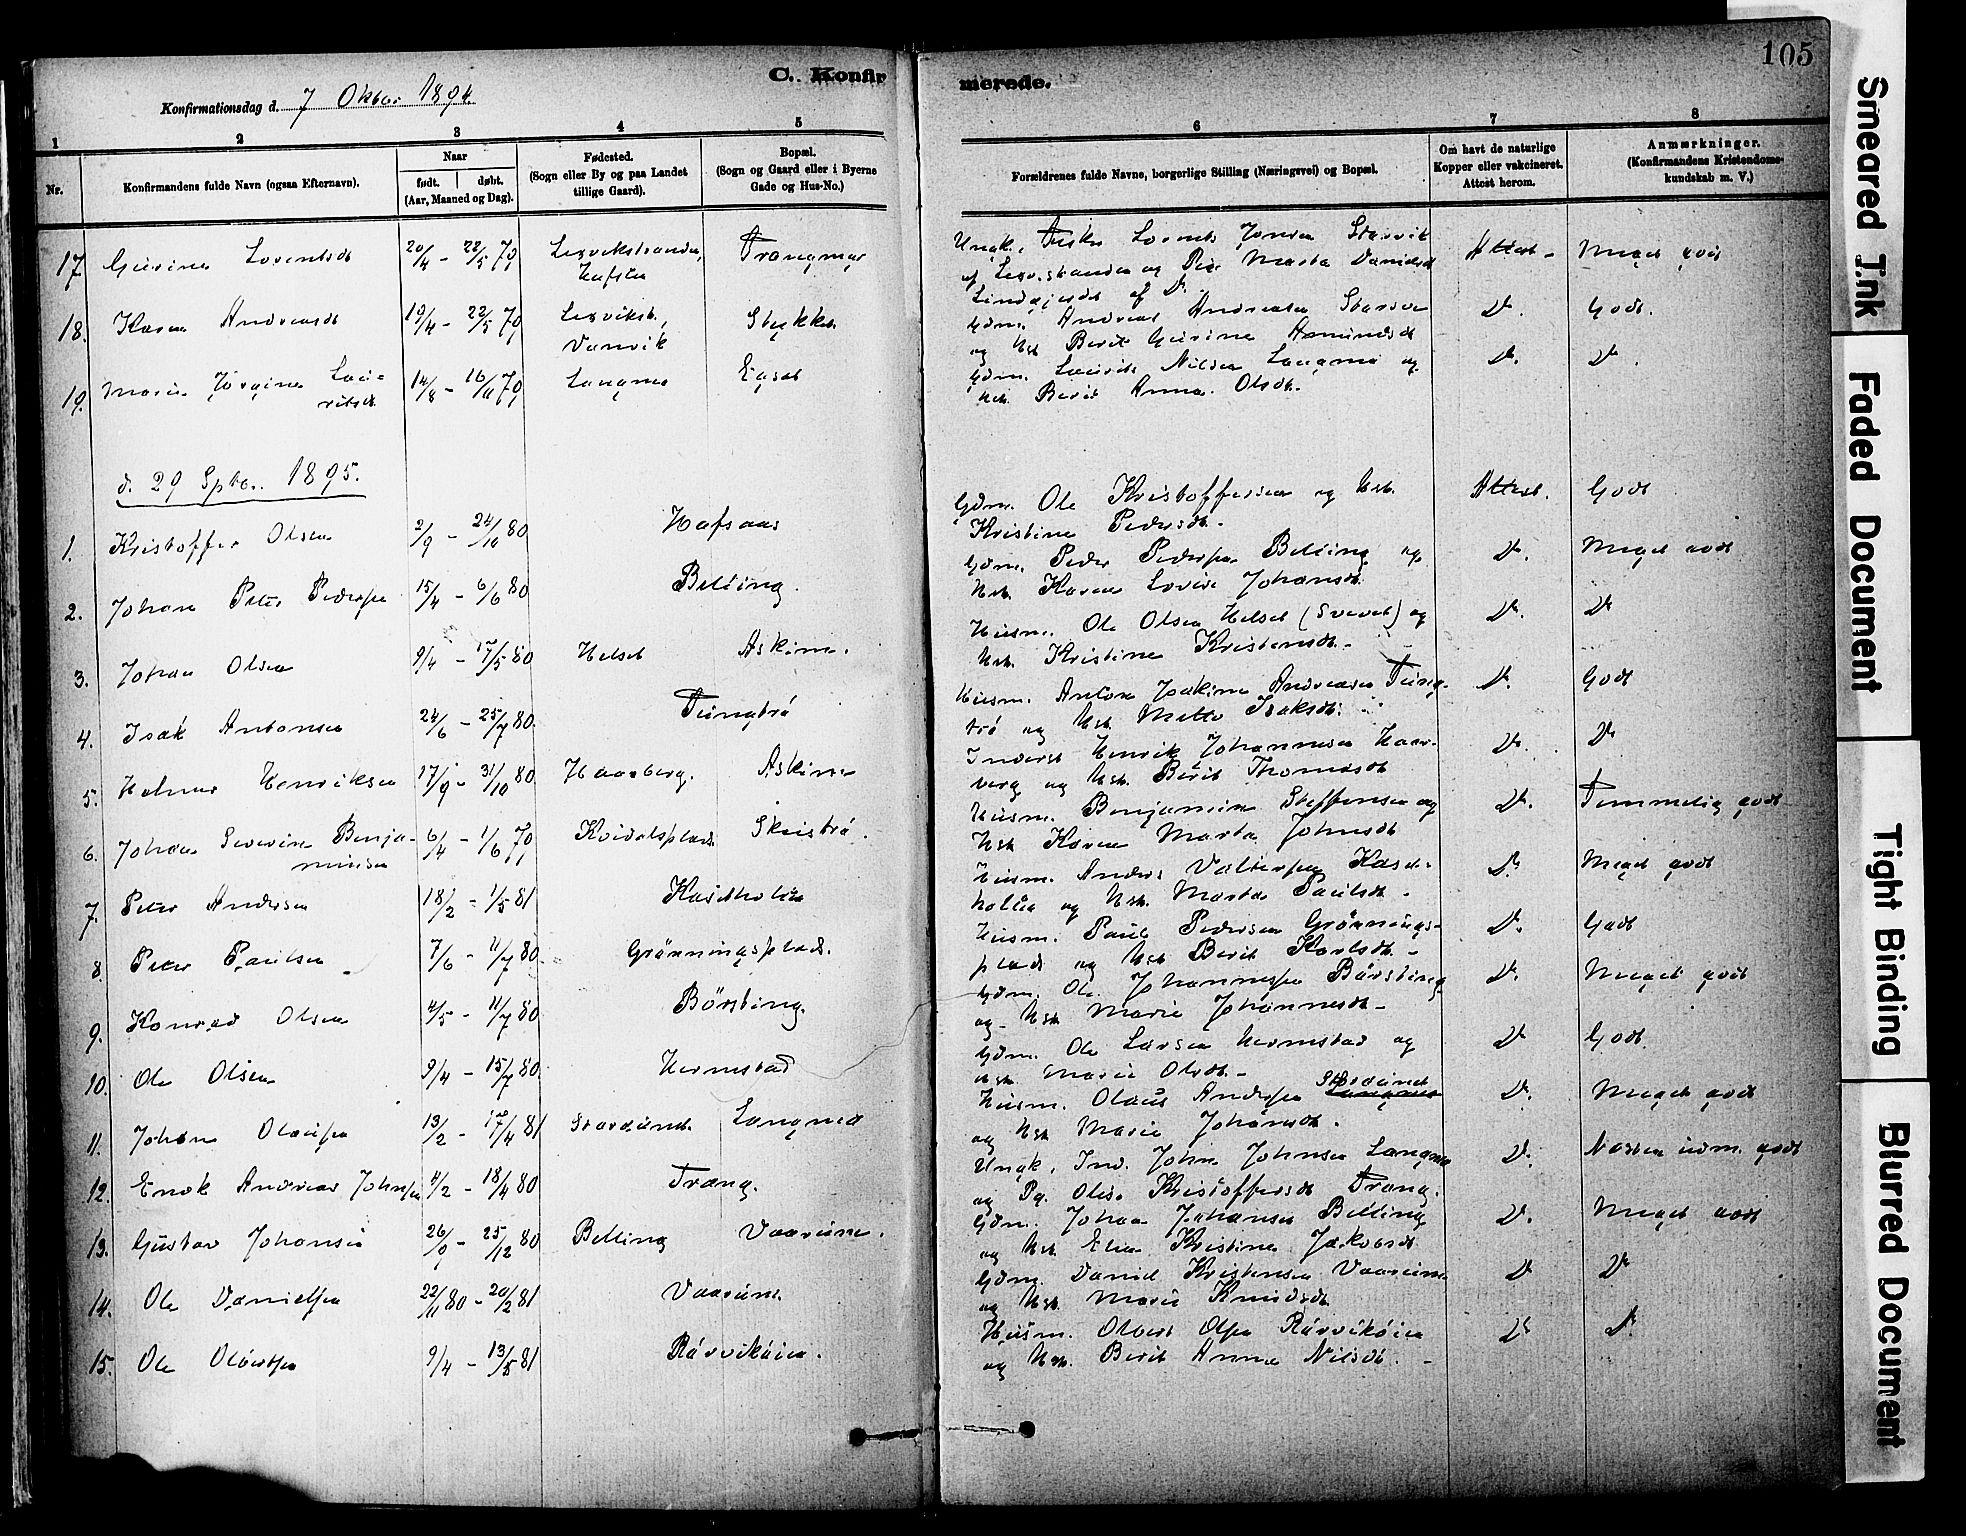 SAT, Ministerialprotokoller, klokkerbøker og fødselsregistre - Sør-Trøndelag, 646/L0615: Ministerialbok nr. 646A13, 1885-1900, s. 105